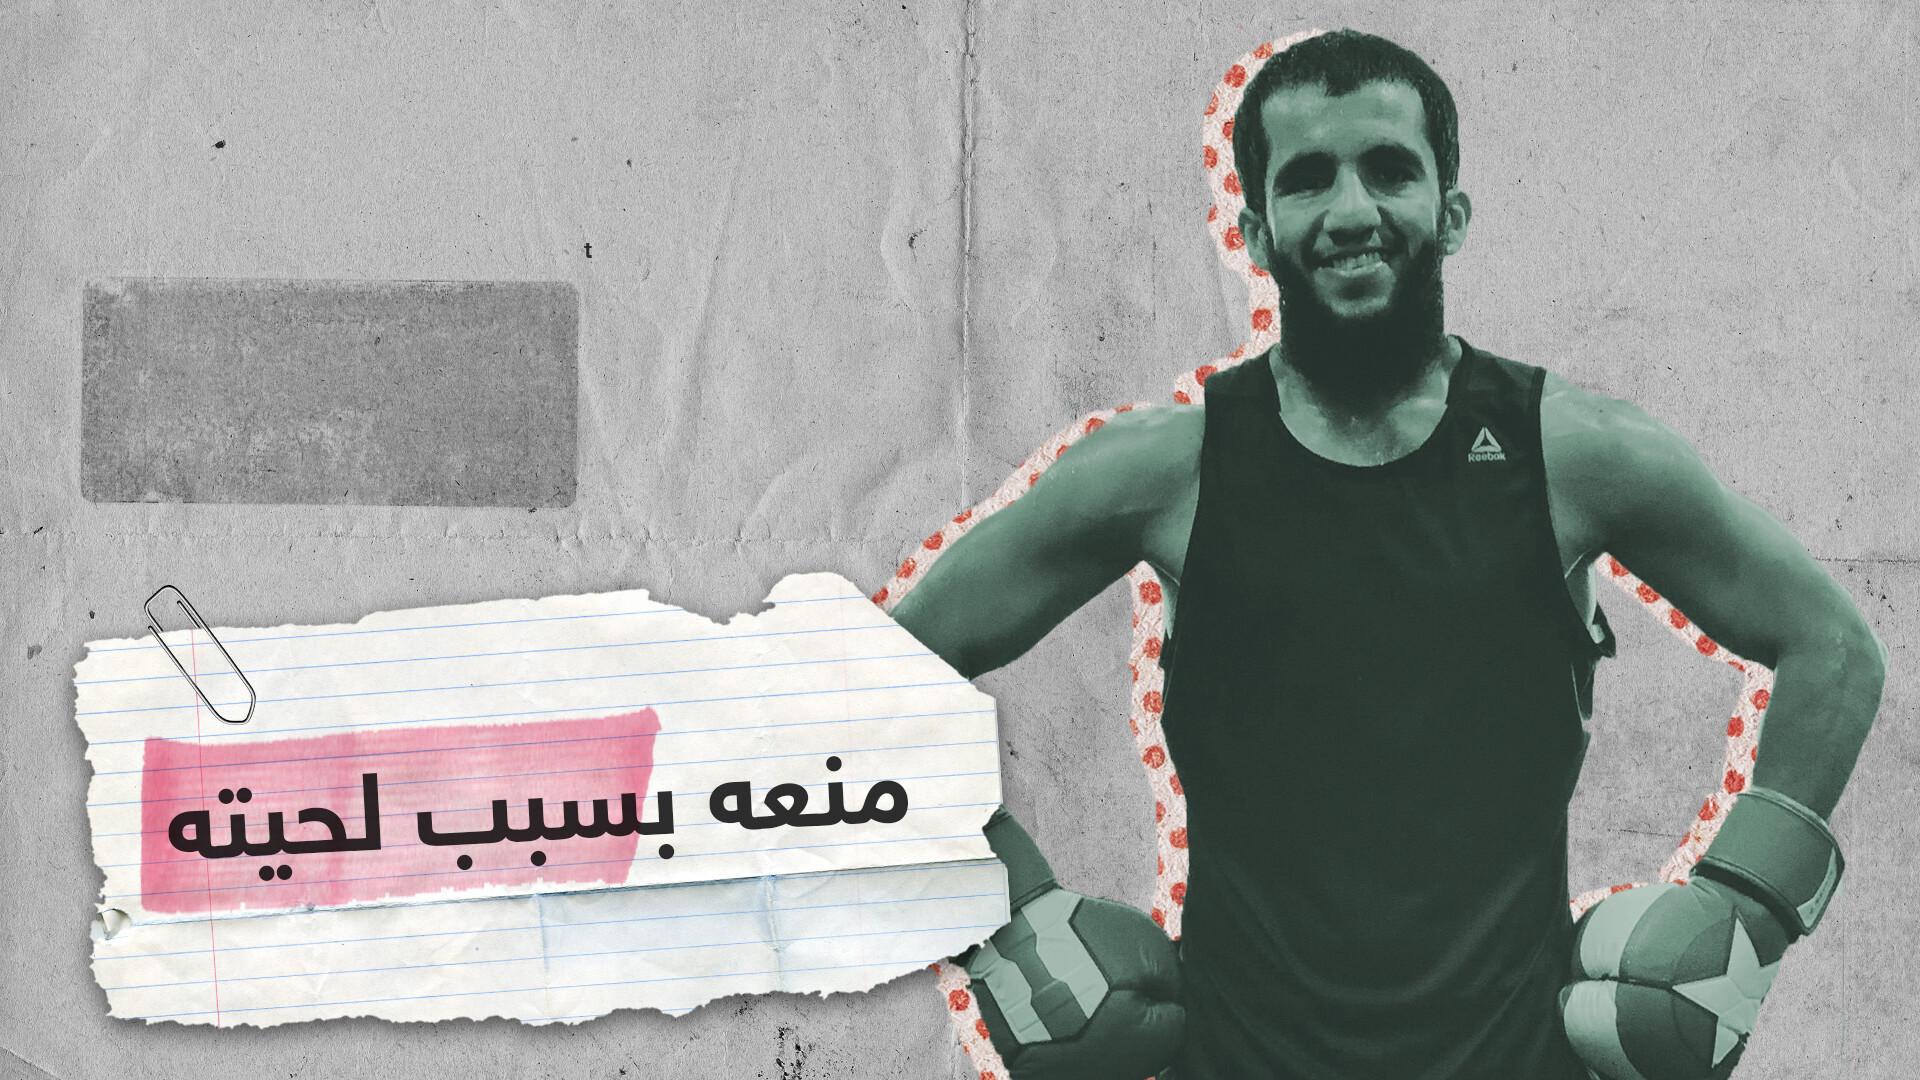 منع كويتي من المشاركة ببطولة في الإمارات بسبب